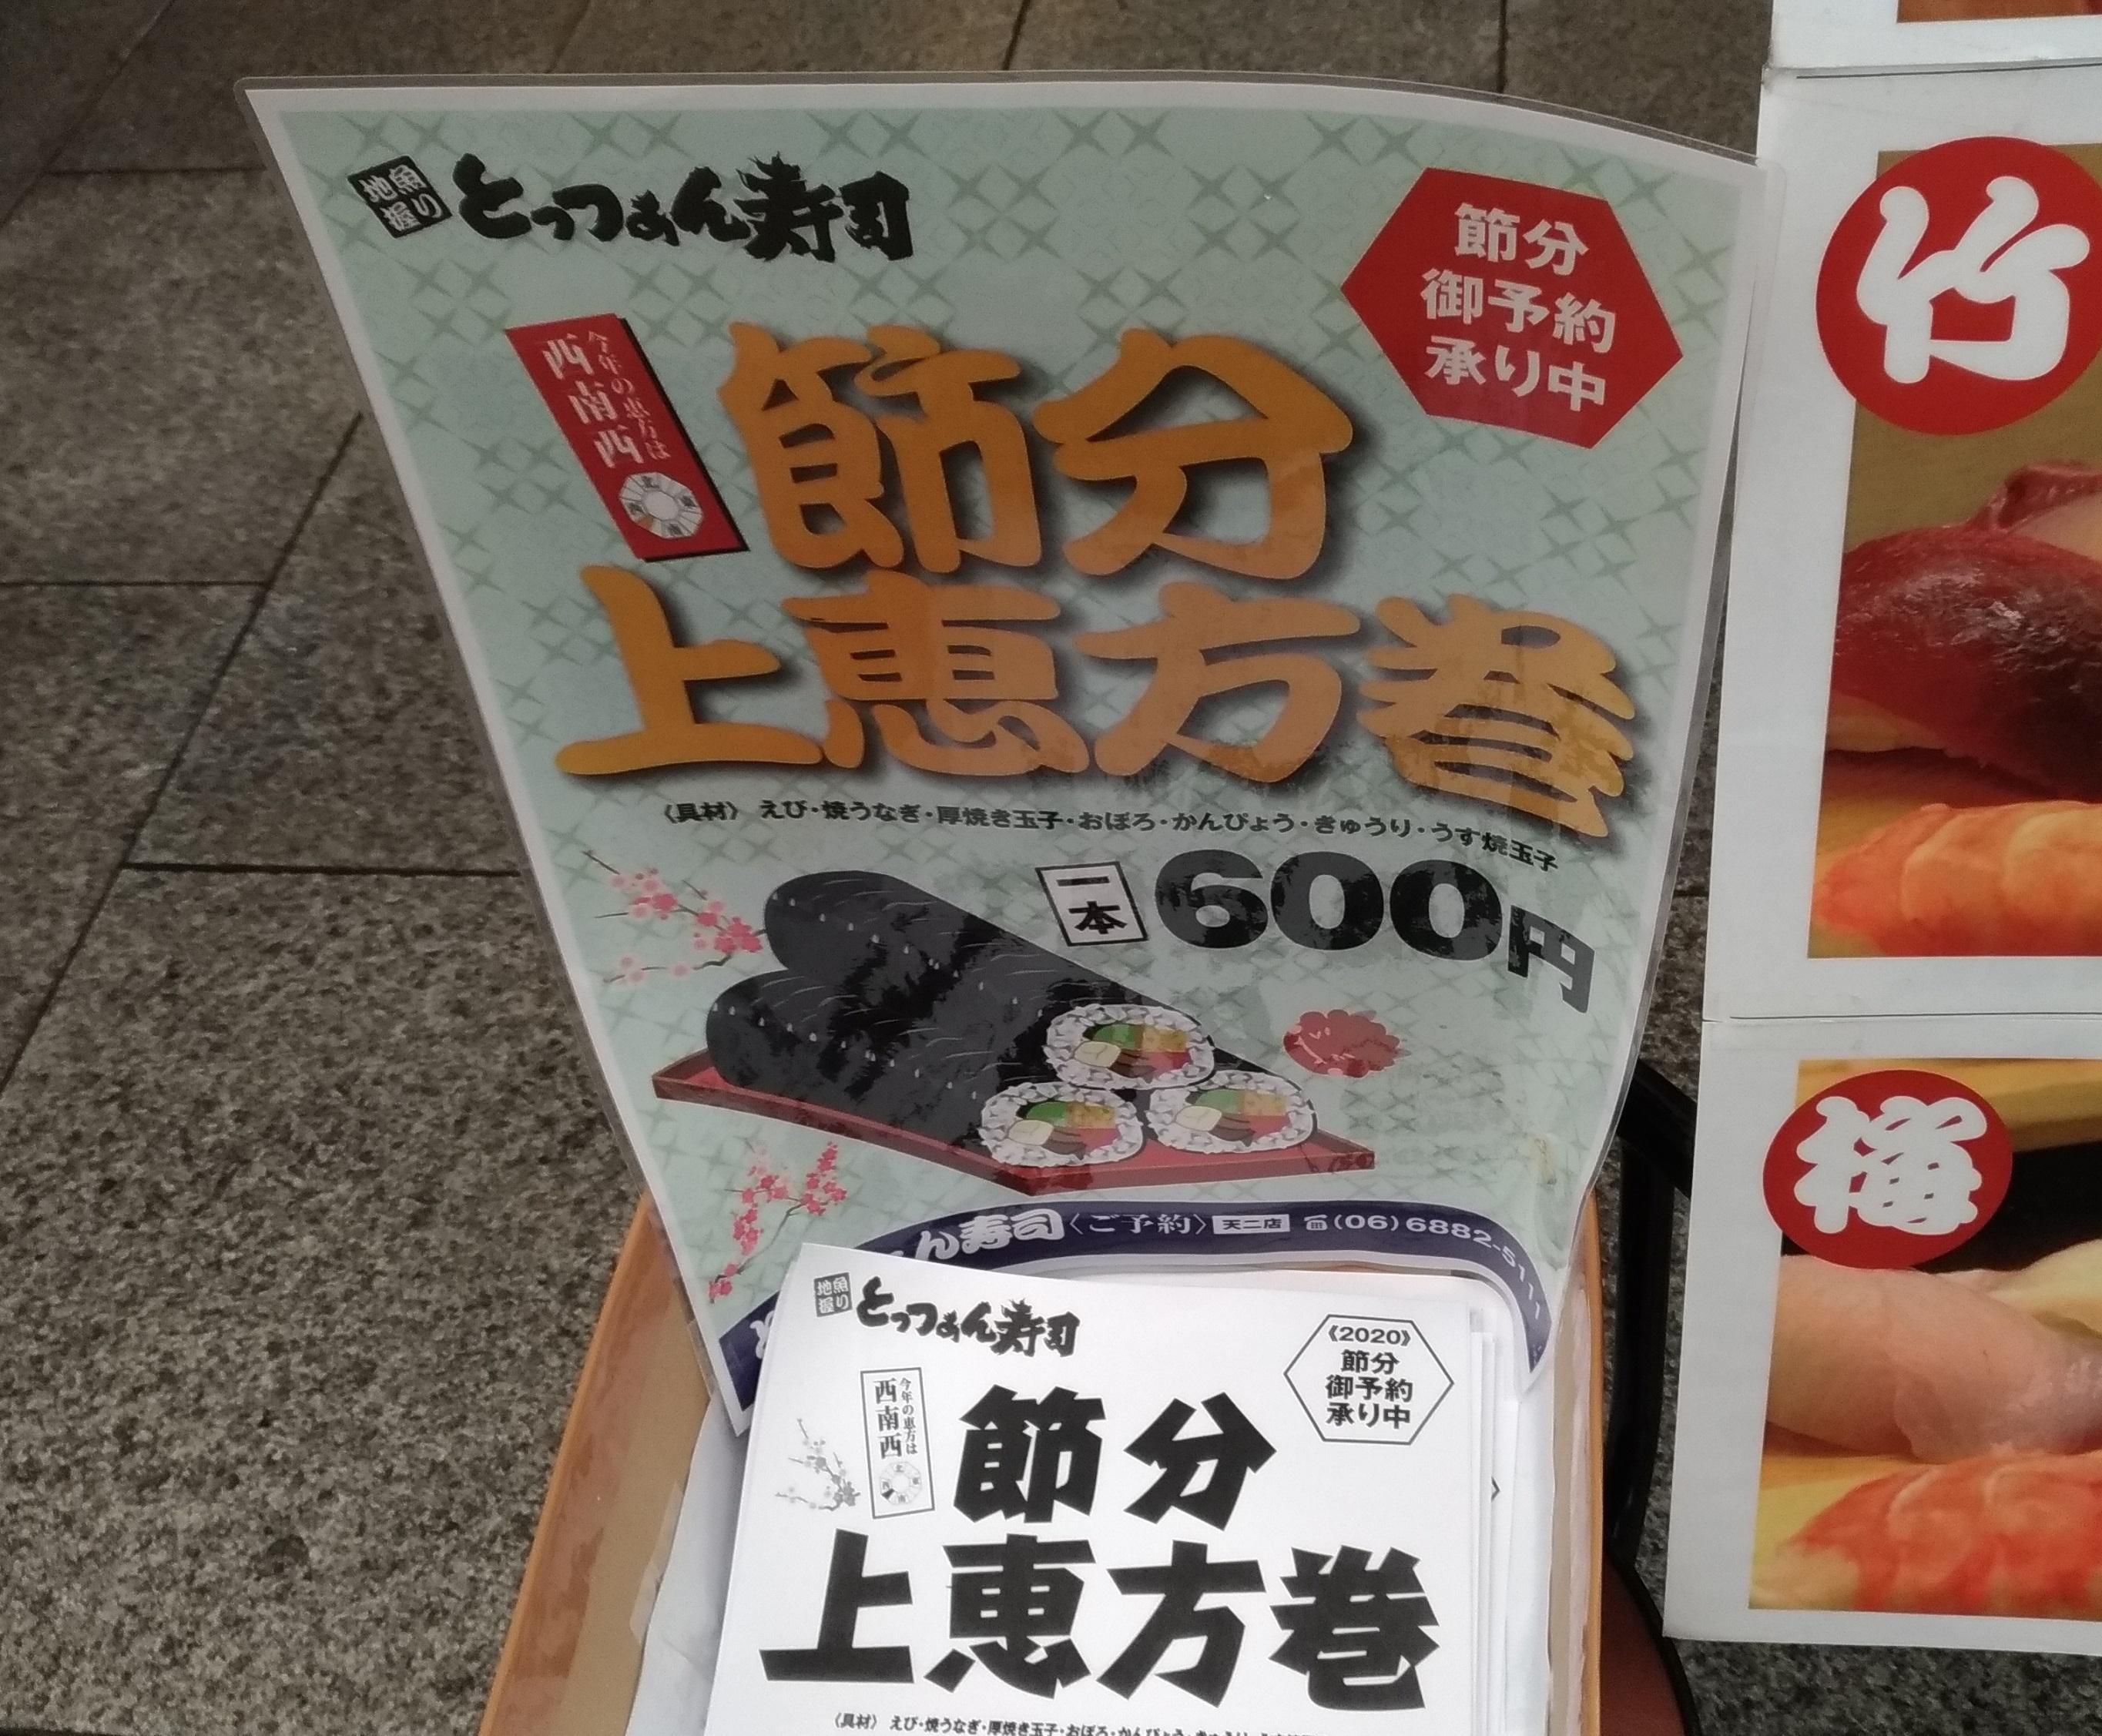 eho_maki_yoyaku_osaka_.jpg